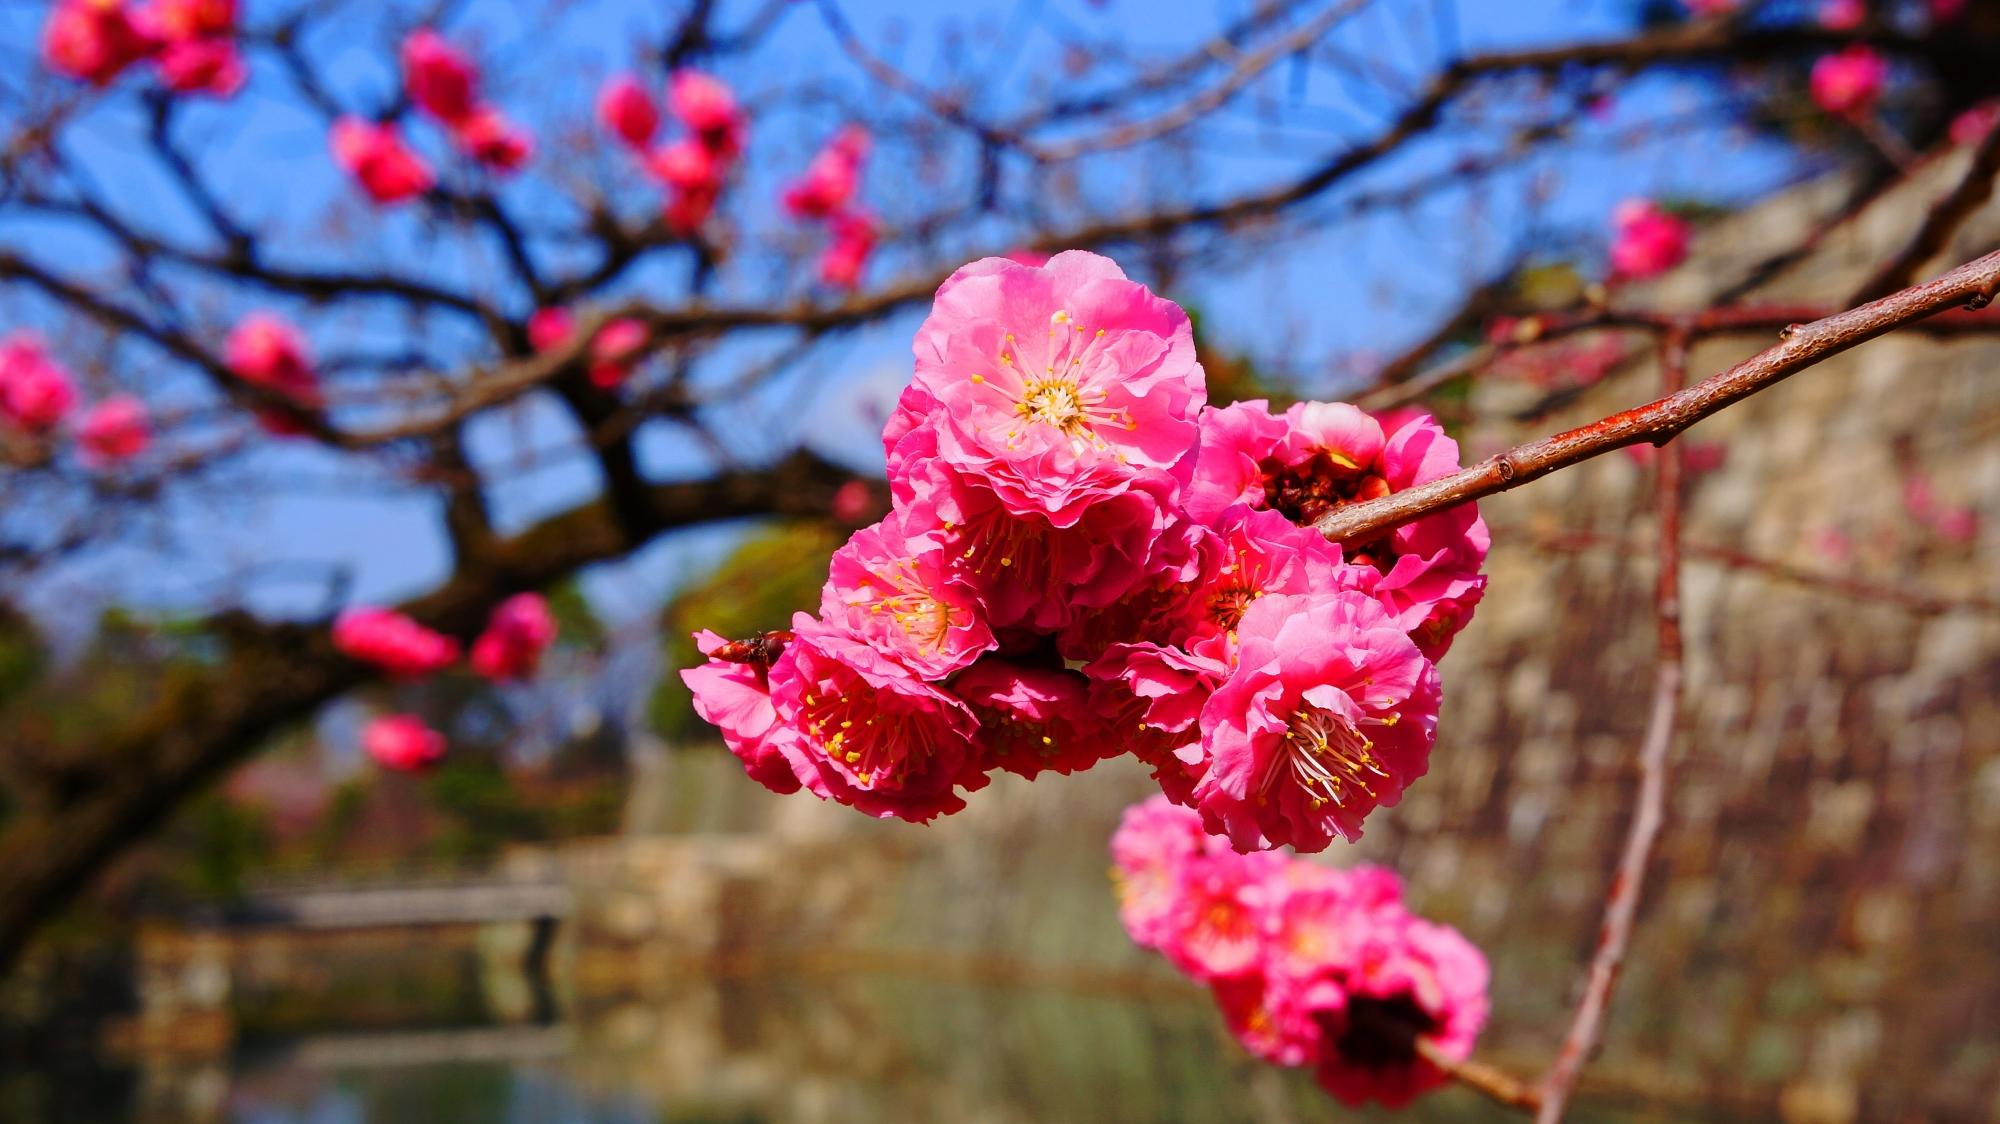 青空や石垣に映えるピンクの梅の花